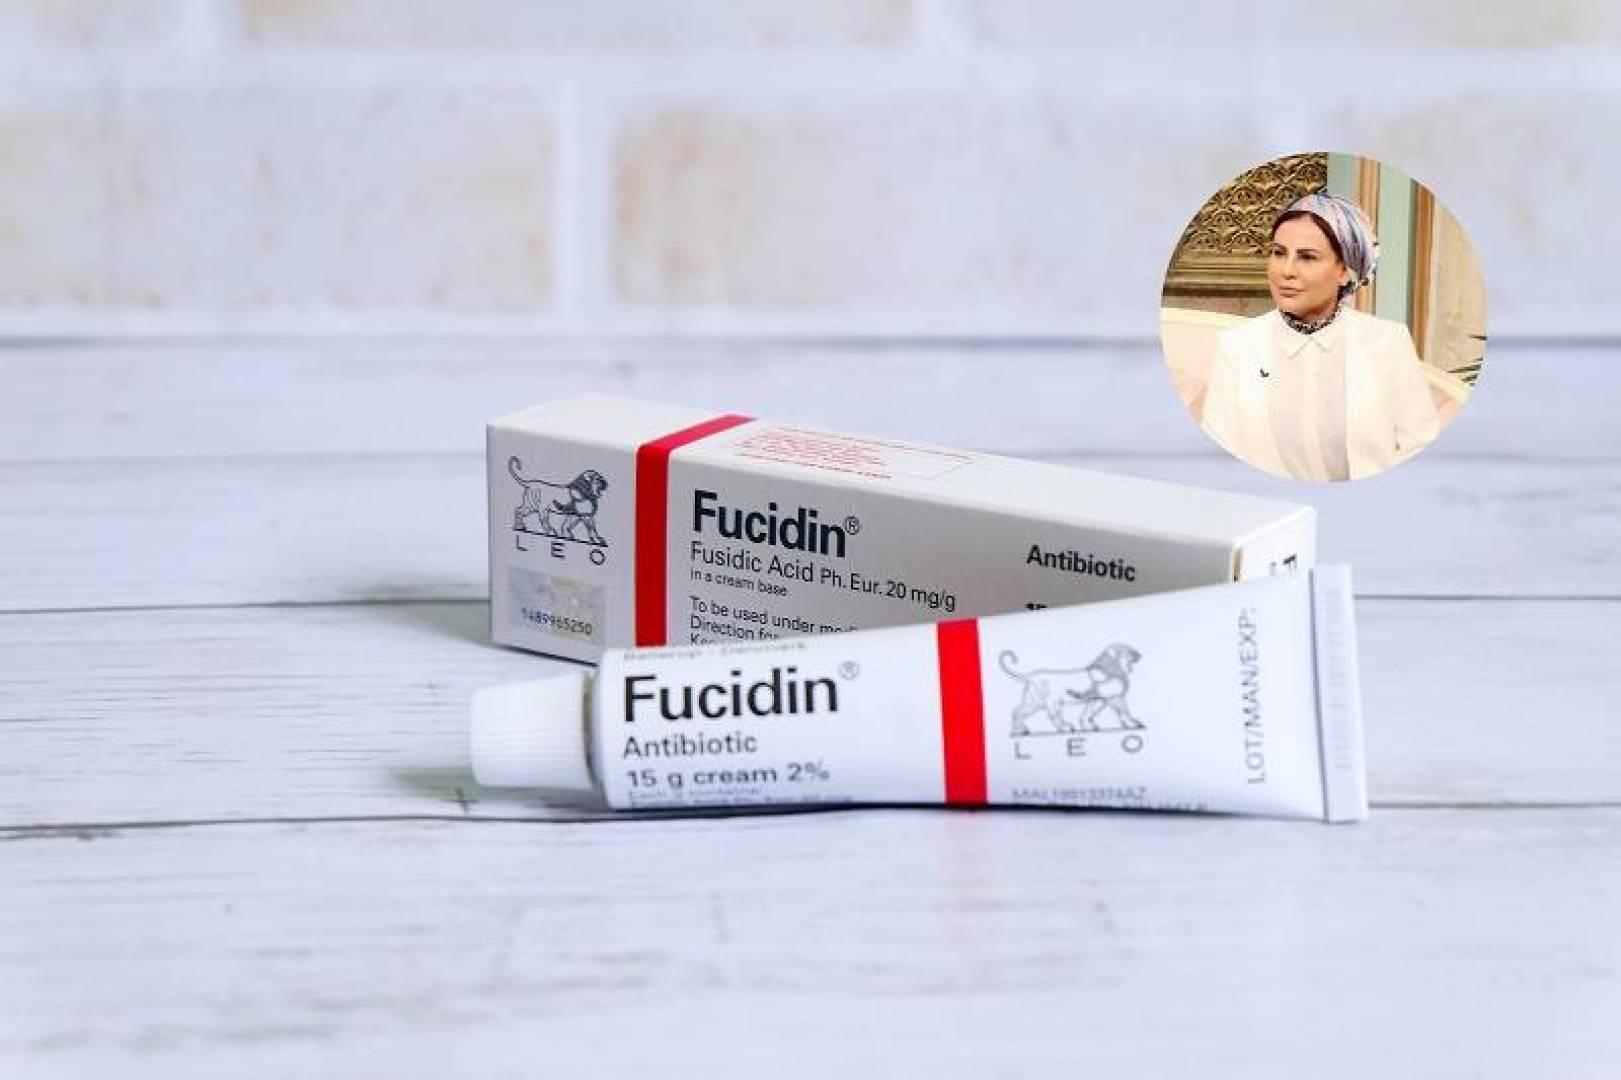 الصليلي: Fucidin.. الاستخدام الخطأ قد يصيبك بالبهاق